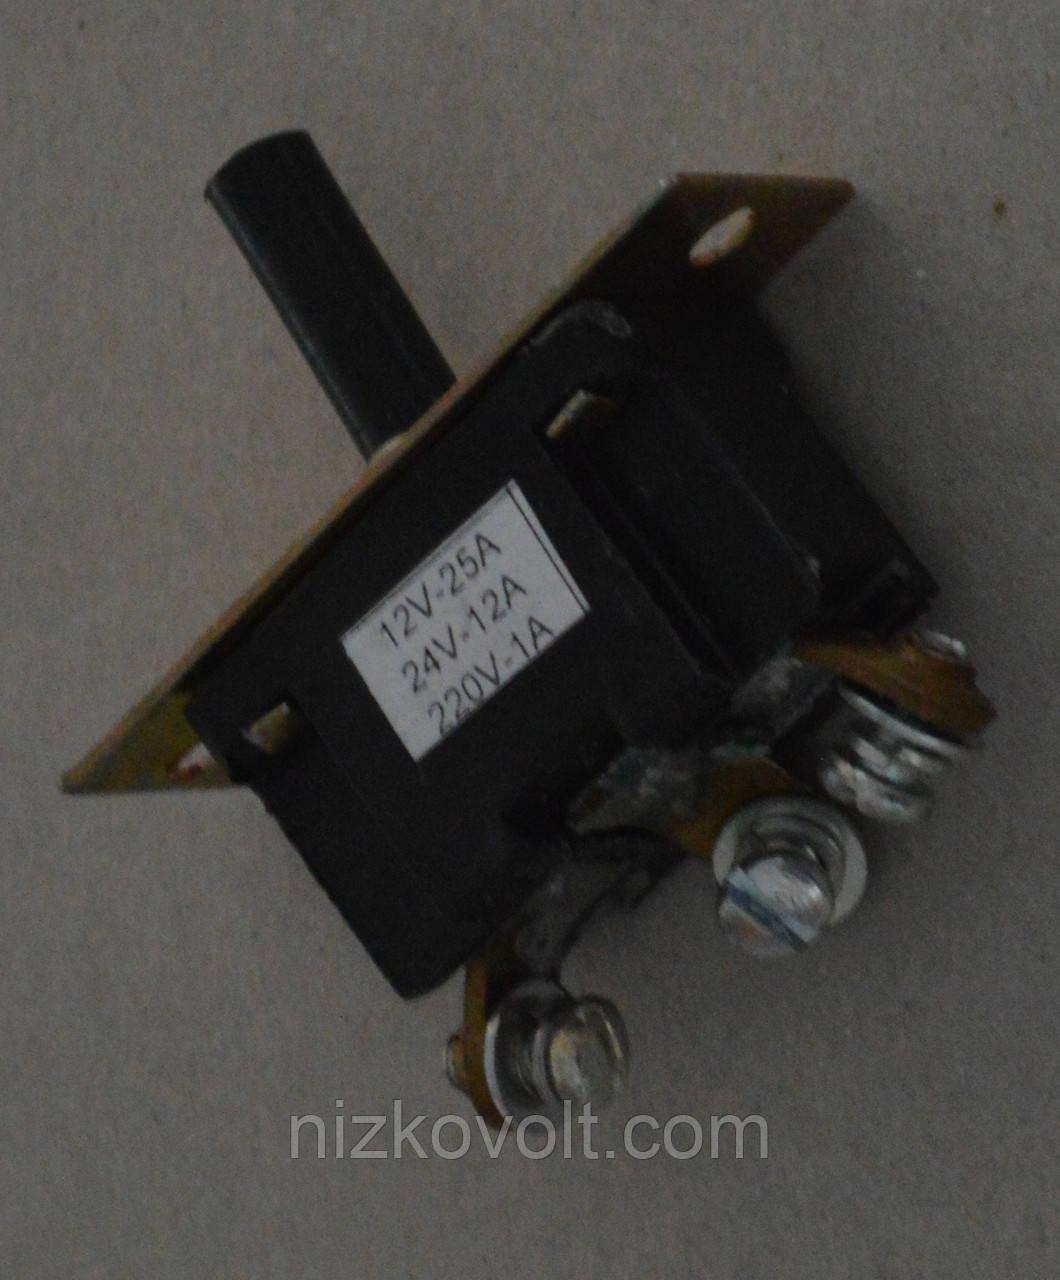 Вимикач - тумблер ПТ-18-25-2112-30УЗ (аналог ПН-45 М-2) срібло